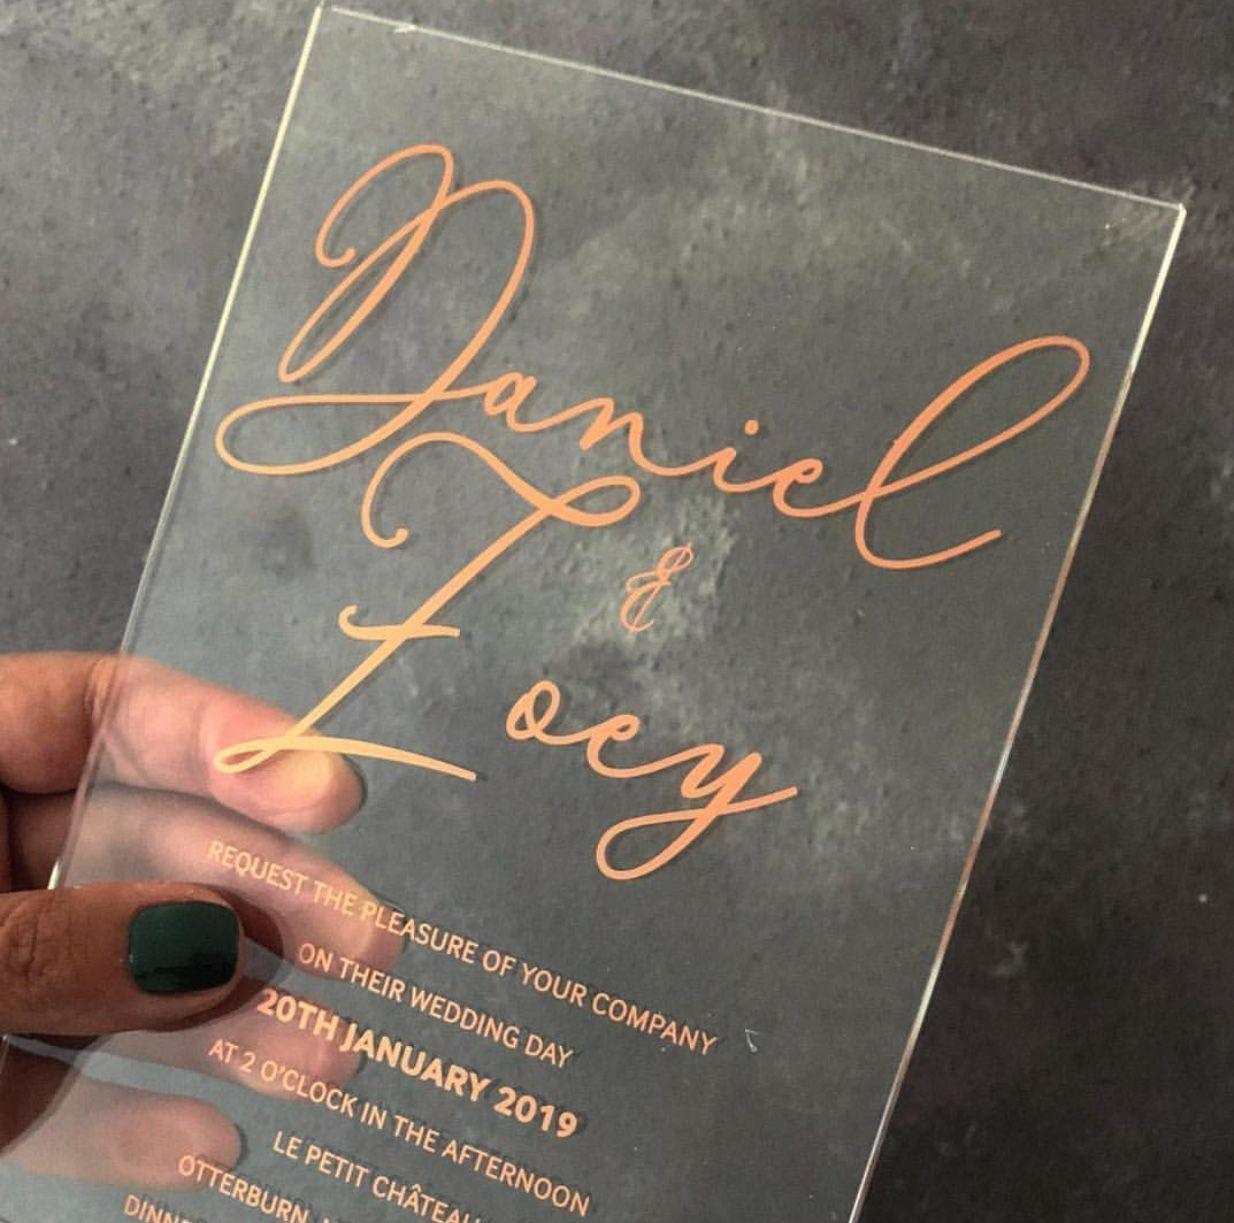 Wedding after party decorations january 2019 Invitación en acrílico transparente del IG de Polka Dot Paper